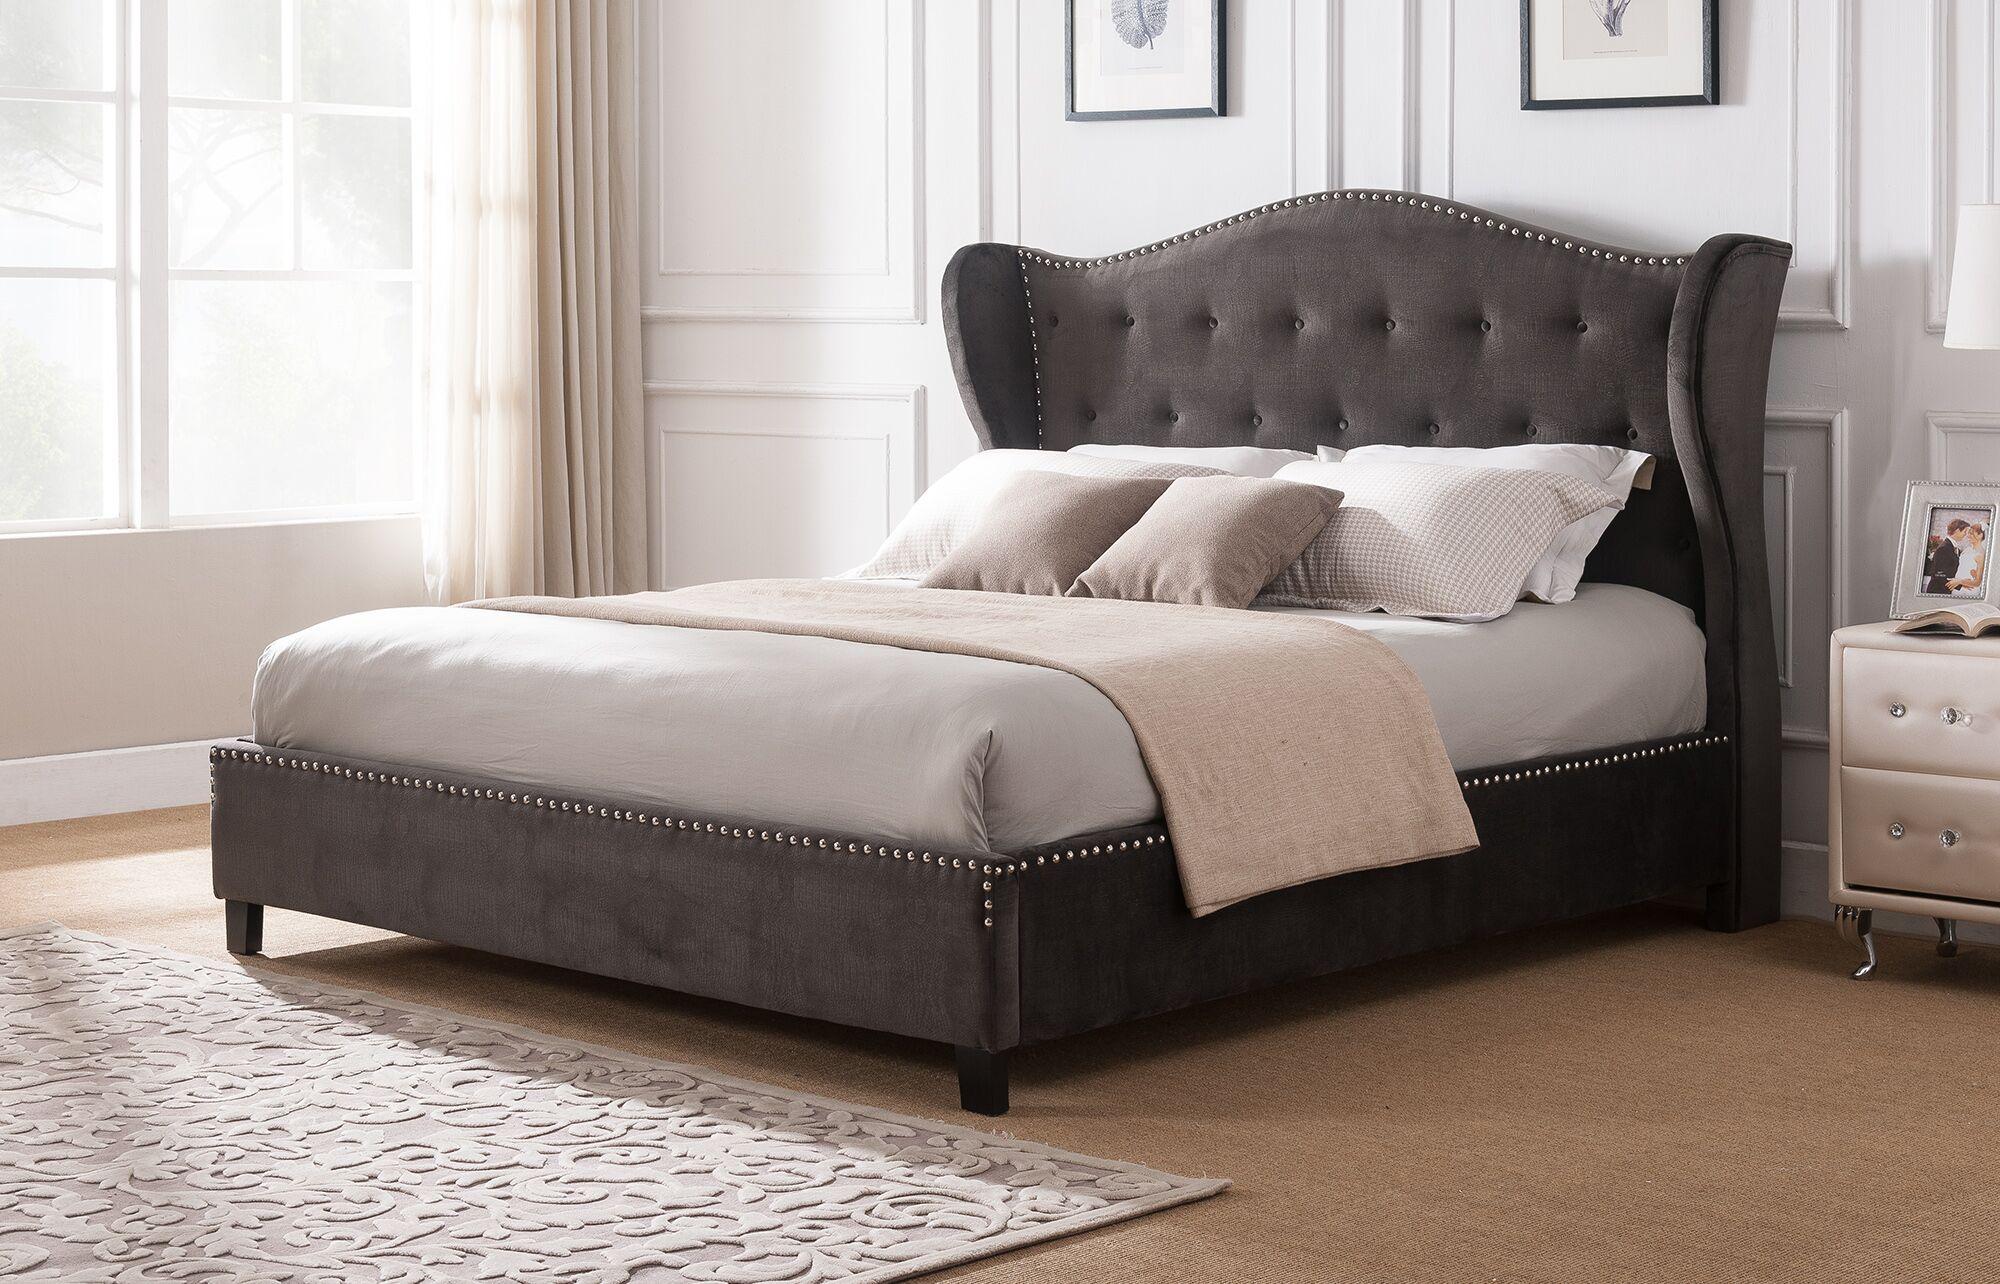 Clendon Wing Back Upholstered Platform Bed Size: Eastern King